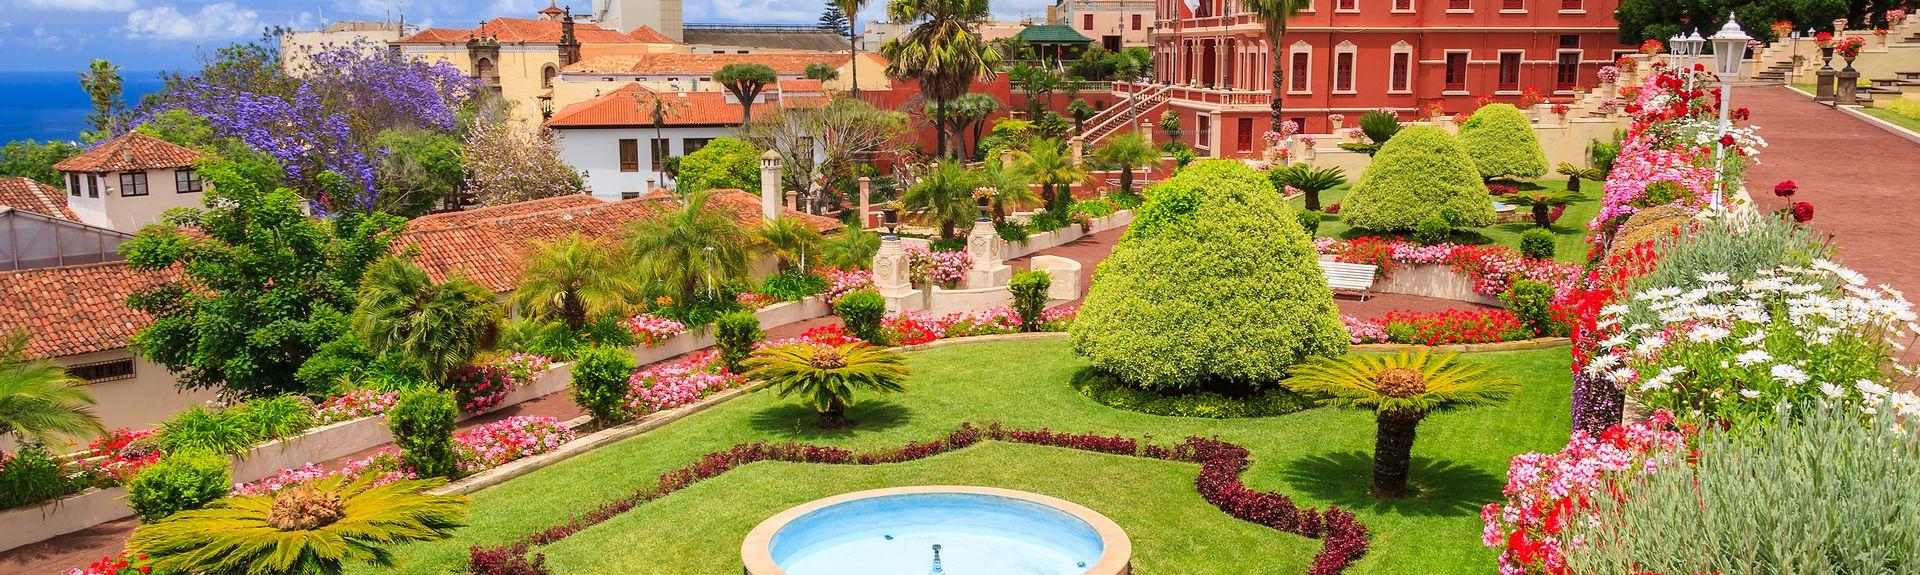 La Orotava, Santa Cruz de Tenerife, Spain